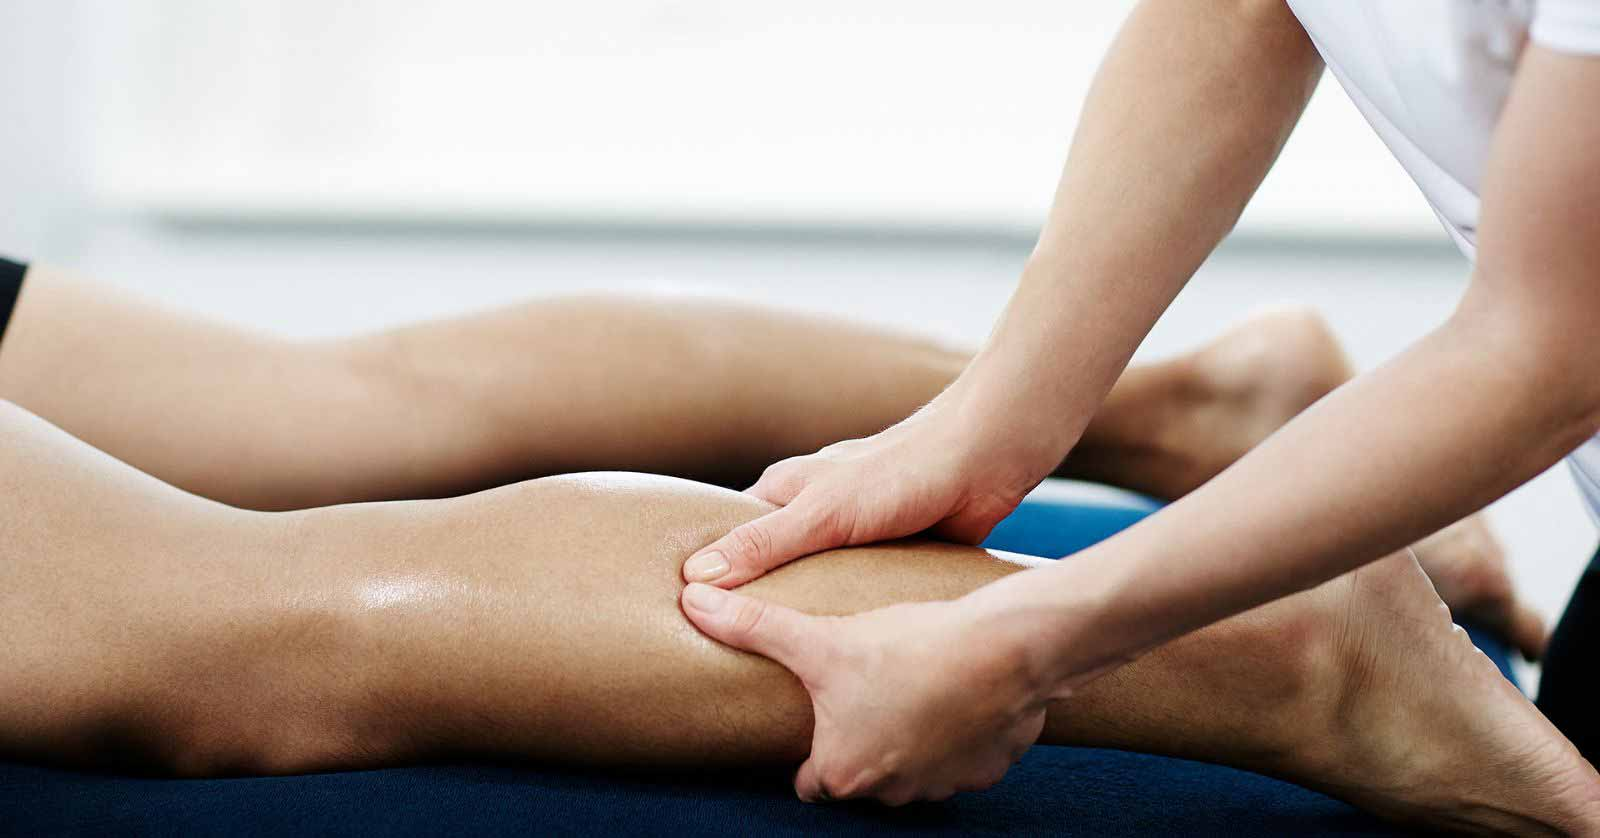 Bacaklarda şişme ve ağrı problemi varsa çözüm: sporcu masajı